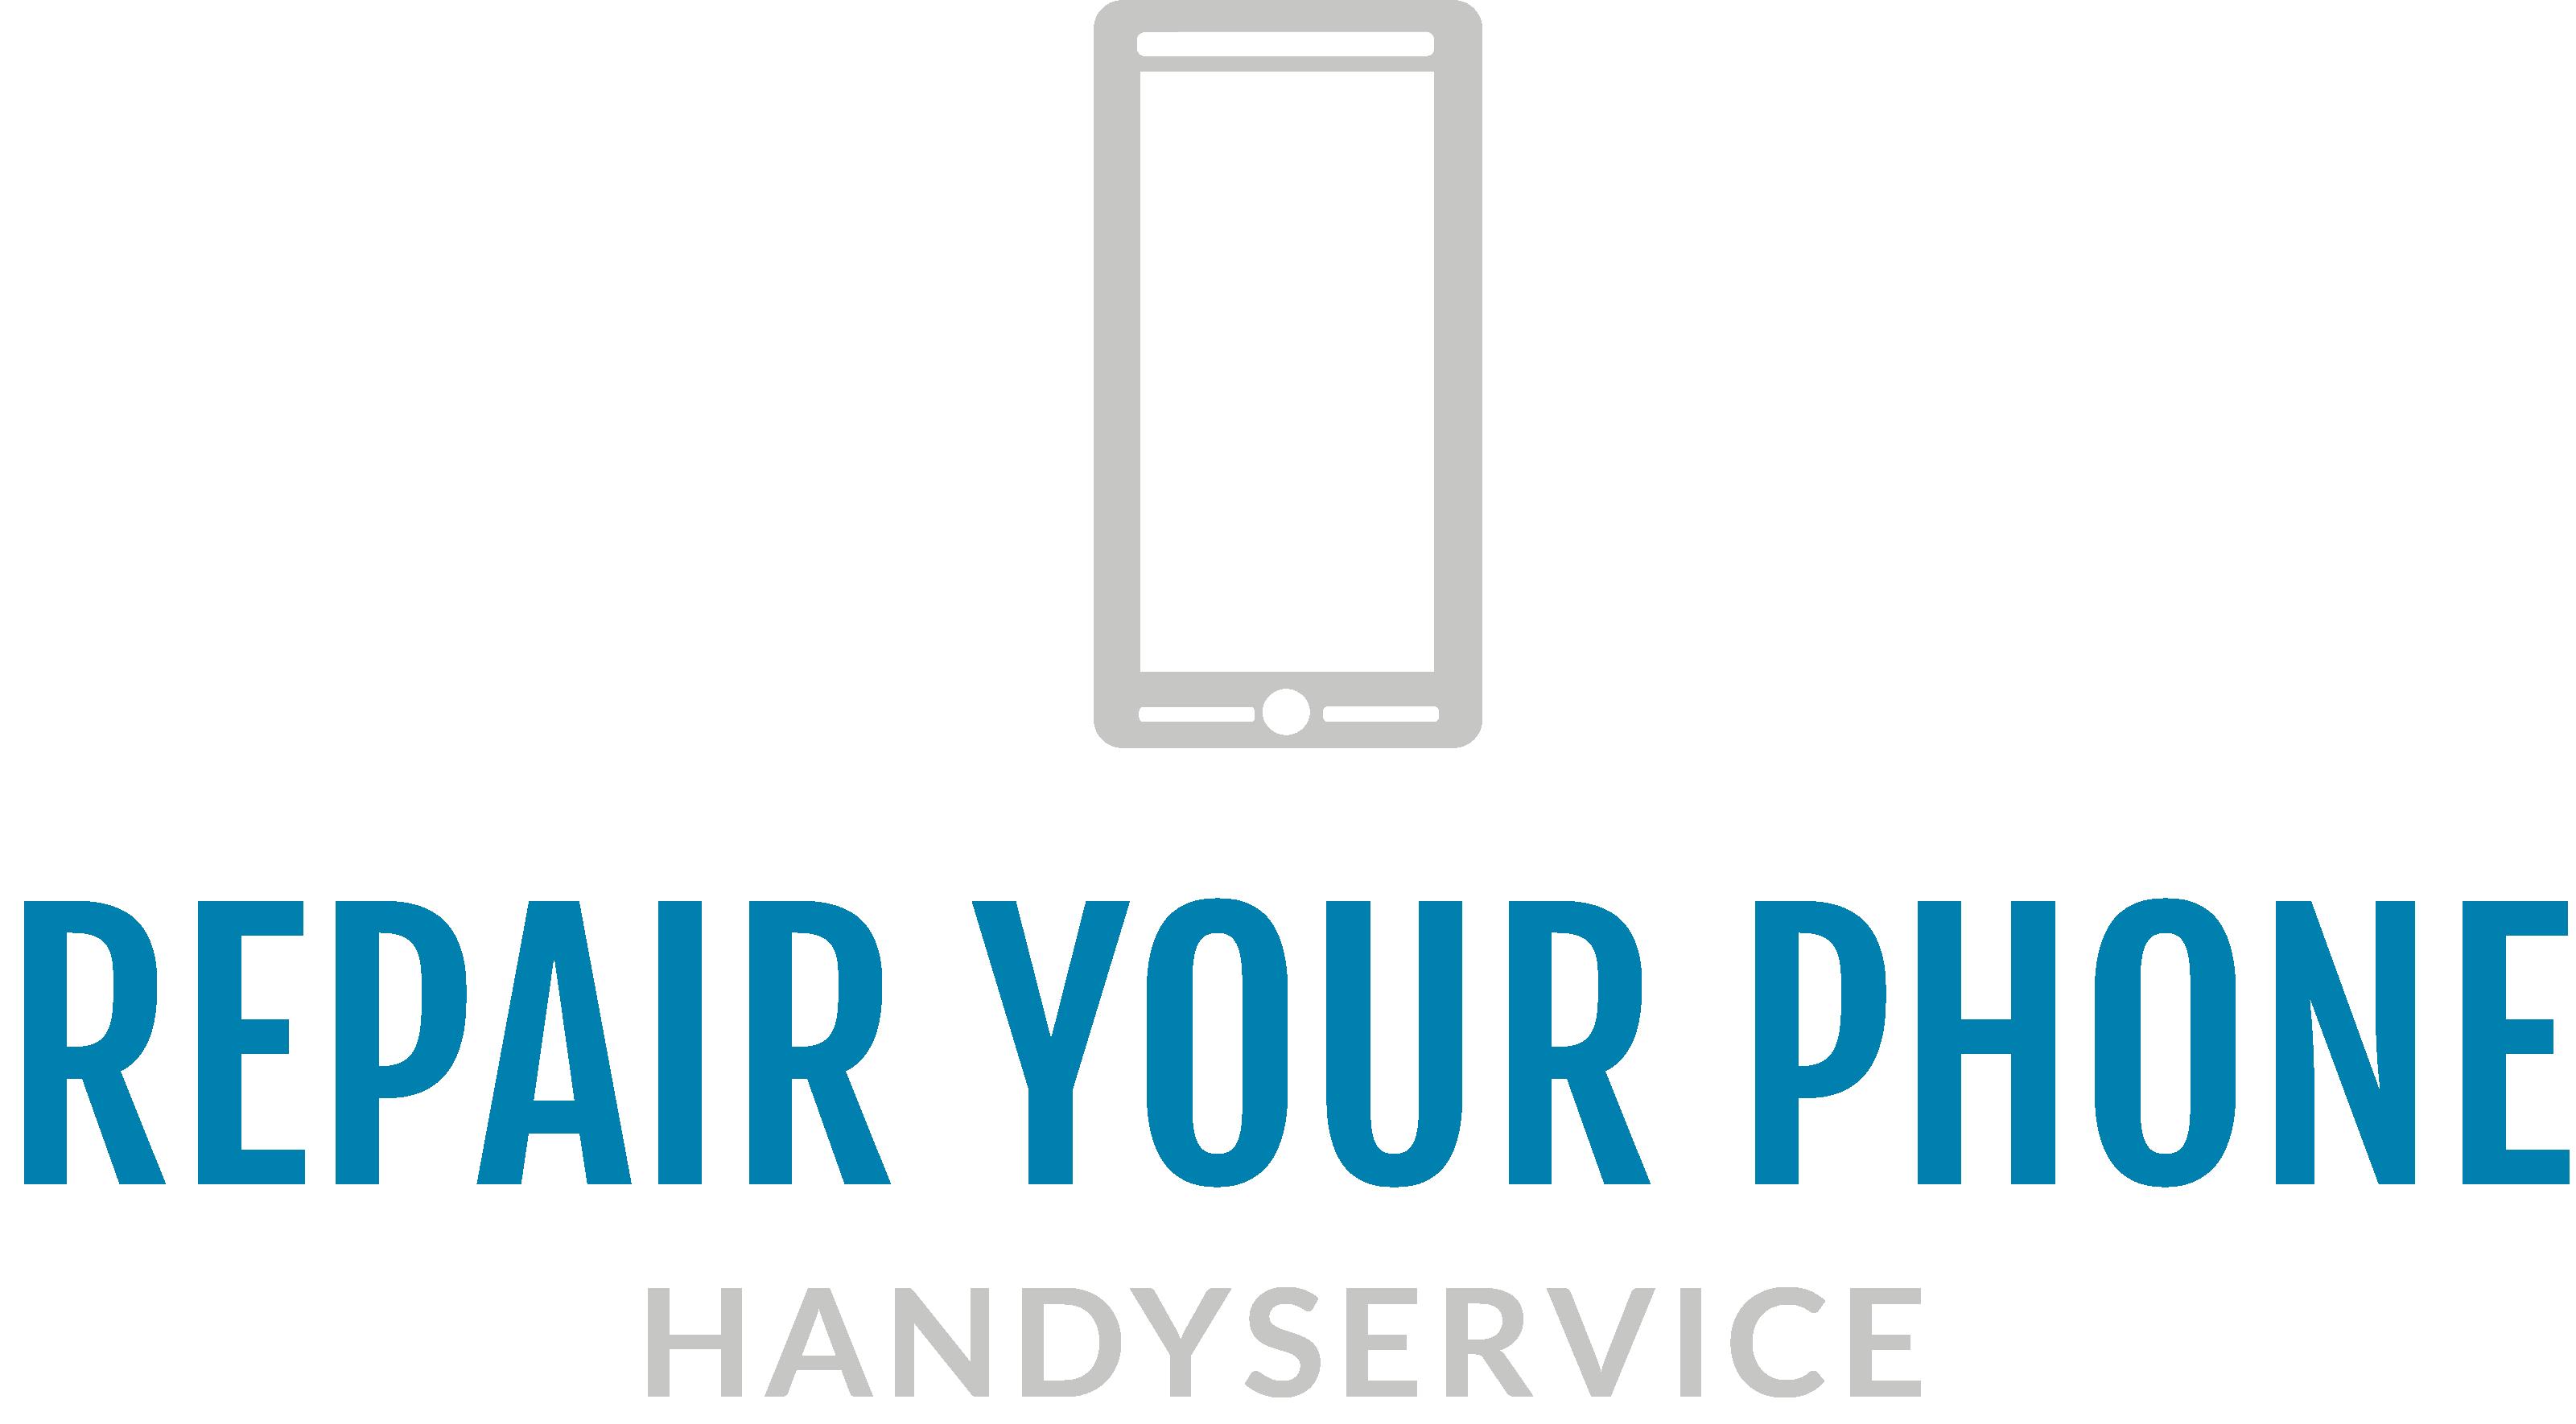 Repair Your Phone